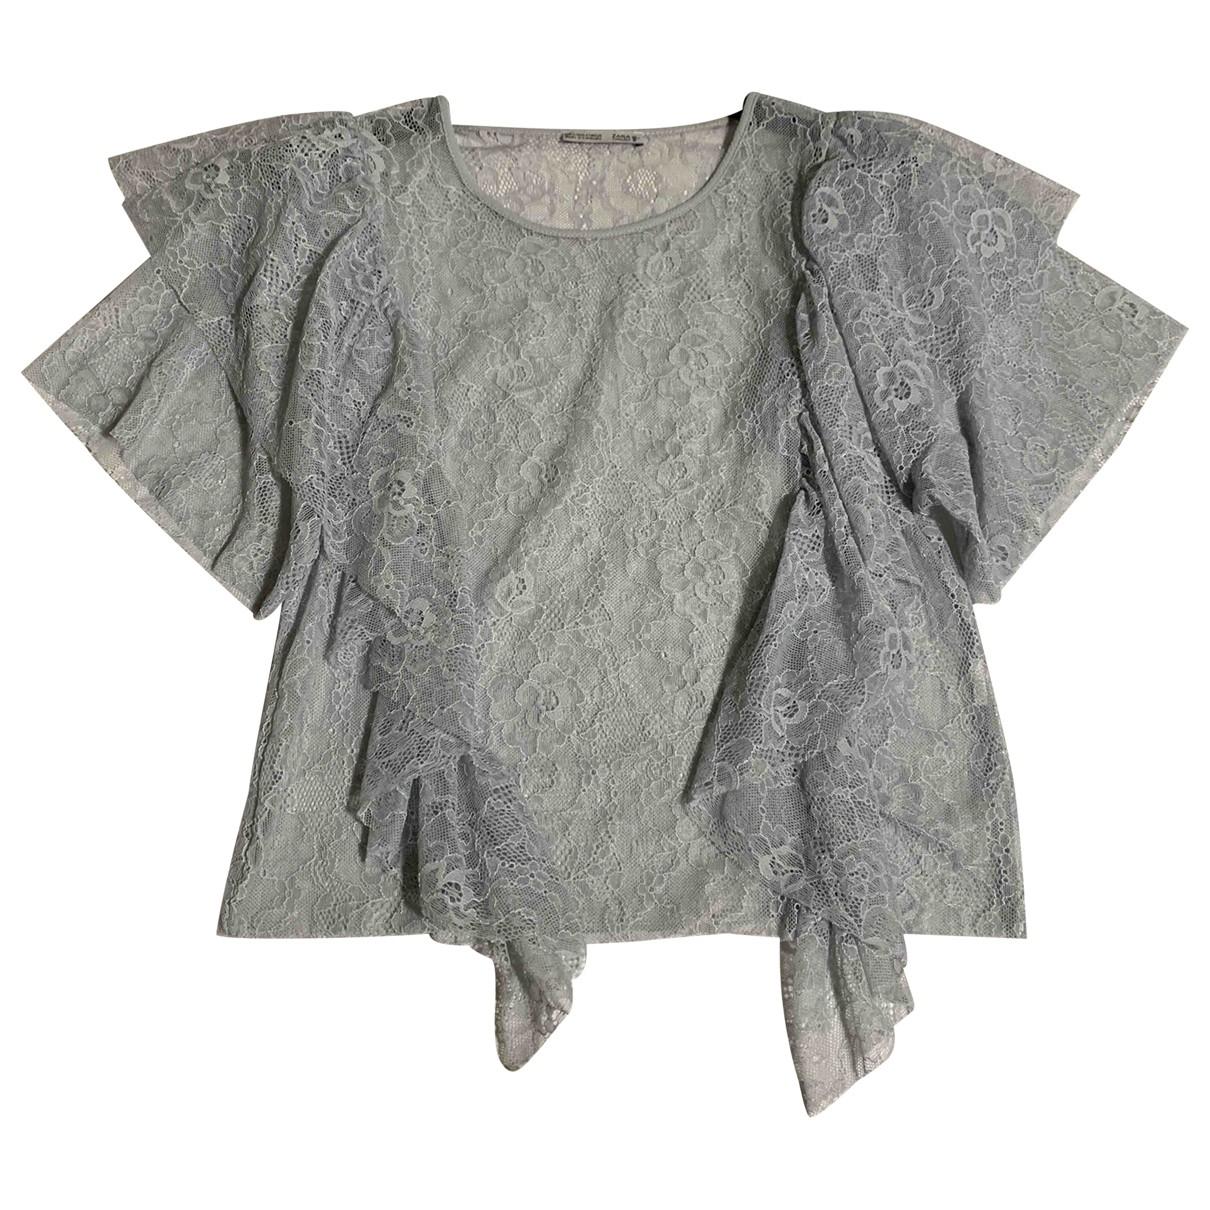 Zara \N Lace  top for Women S International